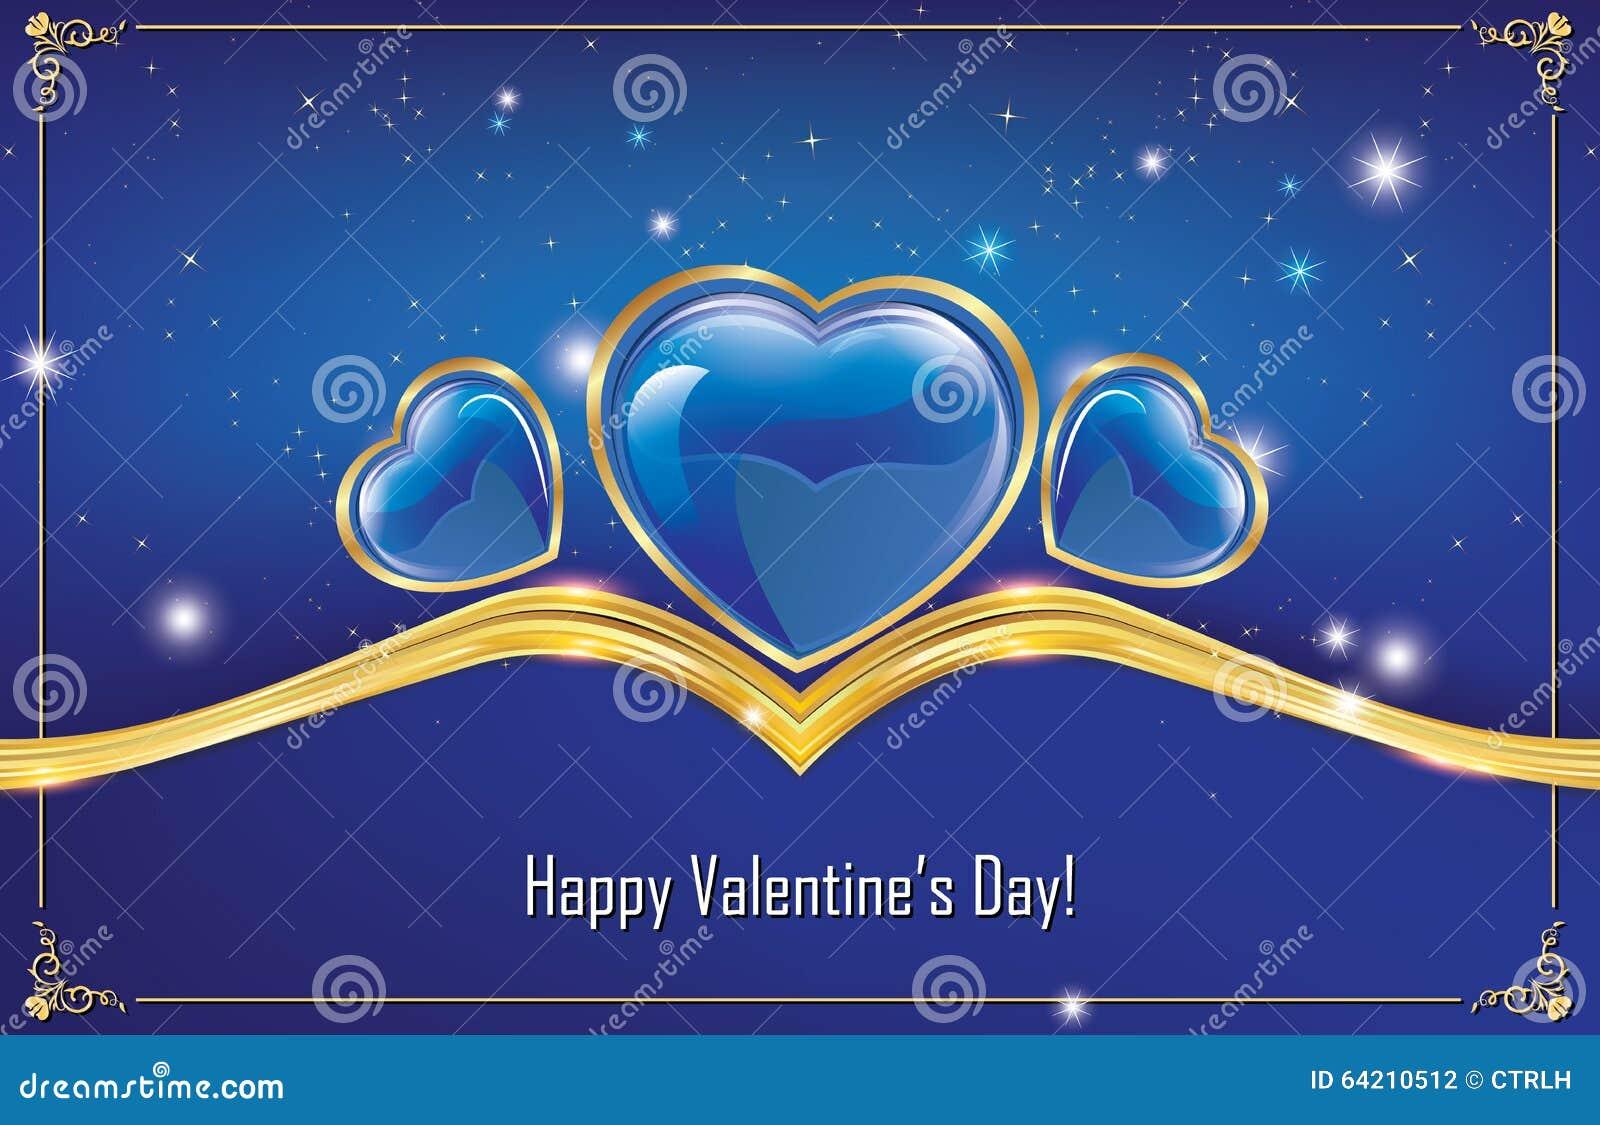 ¡El día de tarjeta del día de San Valentín feliz! tarjeta de felicitación azul